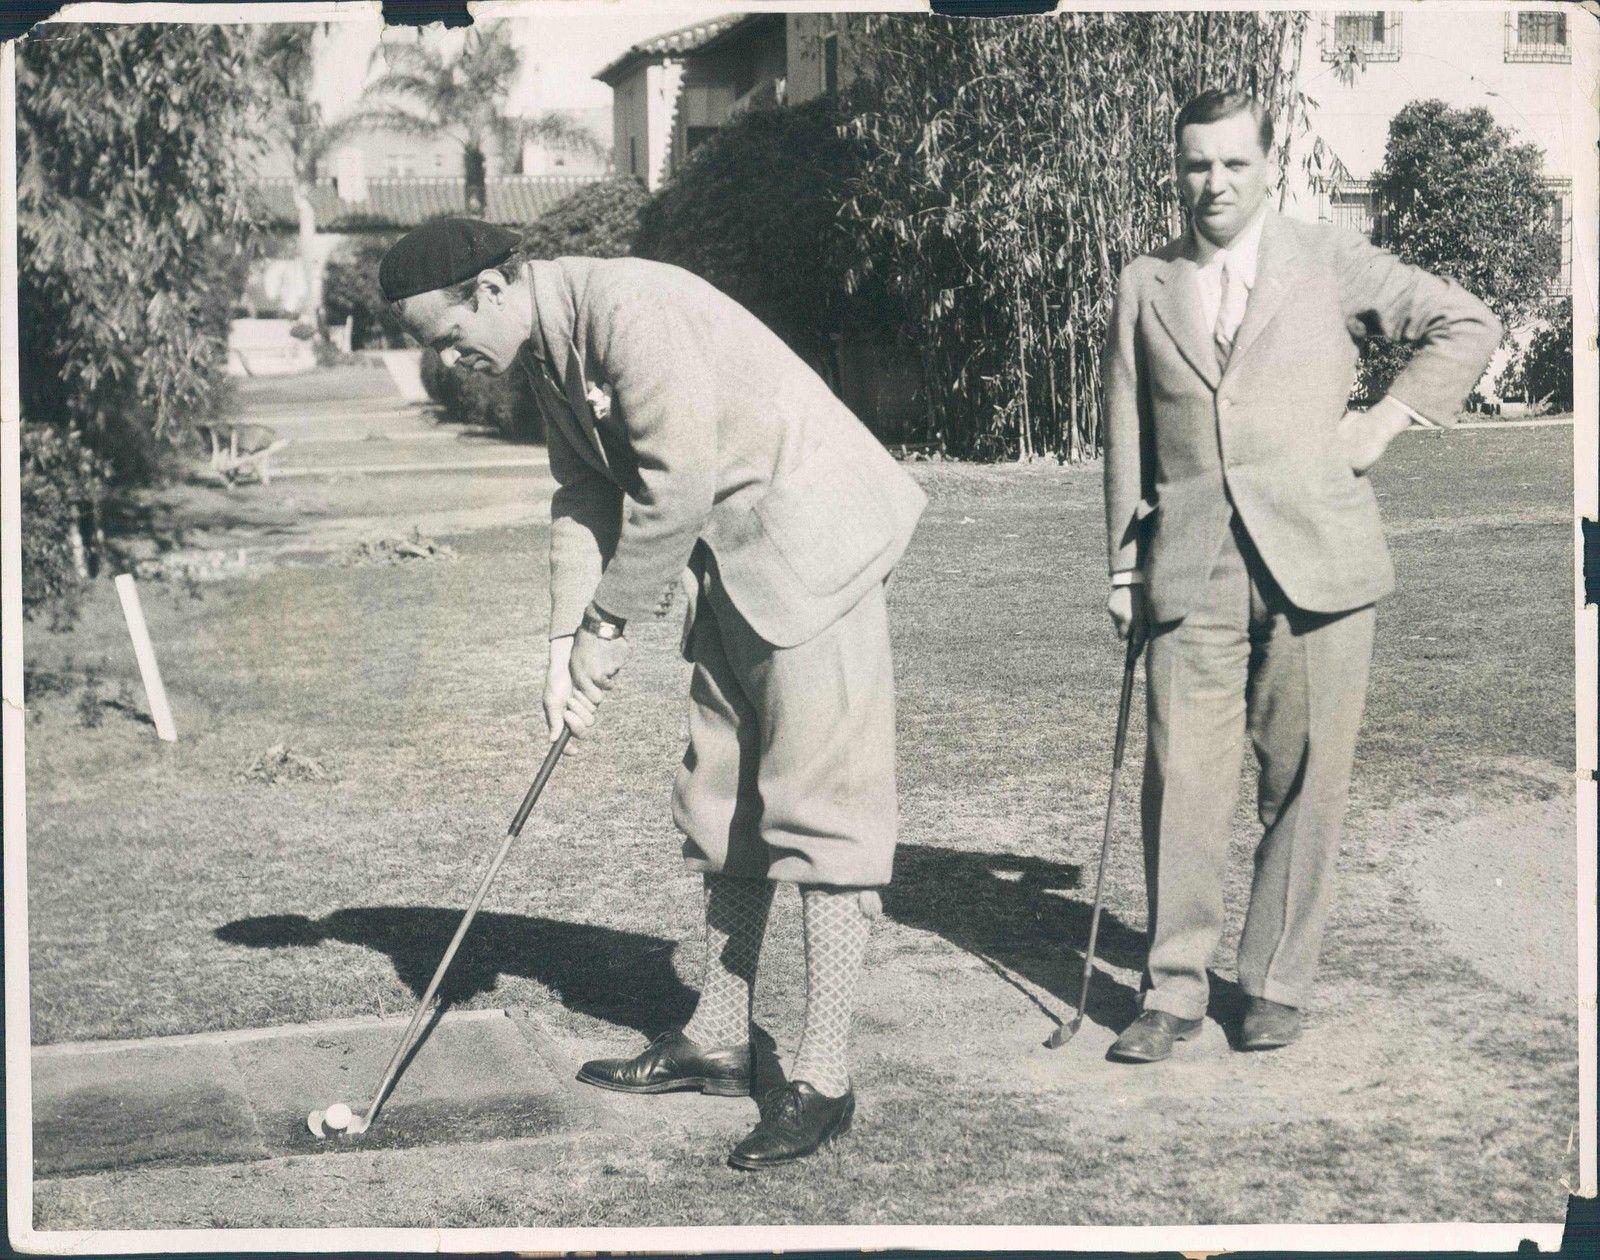 1932. Князь императорской крови Фёдор Александрович Романов играет в гольф в США